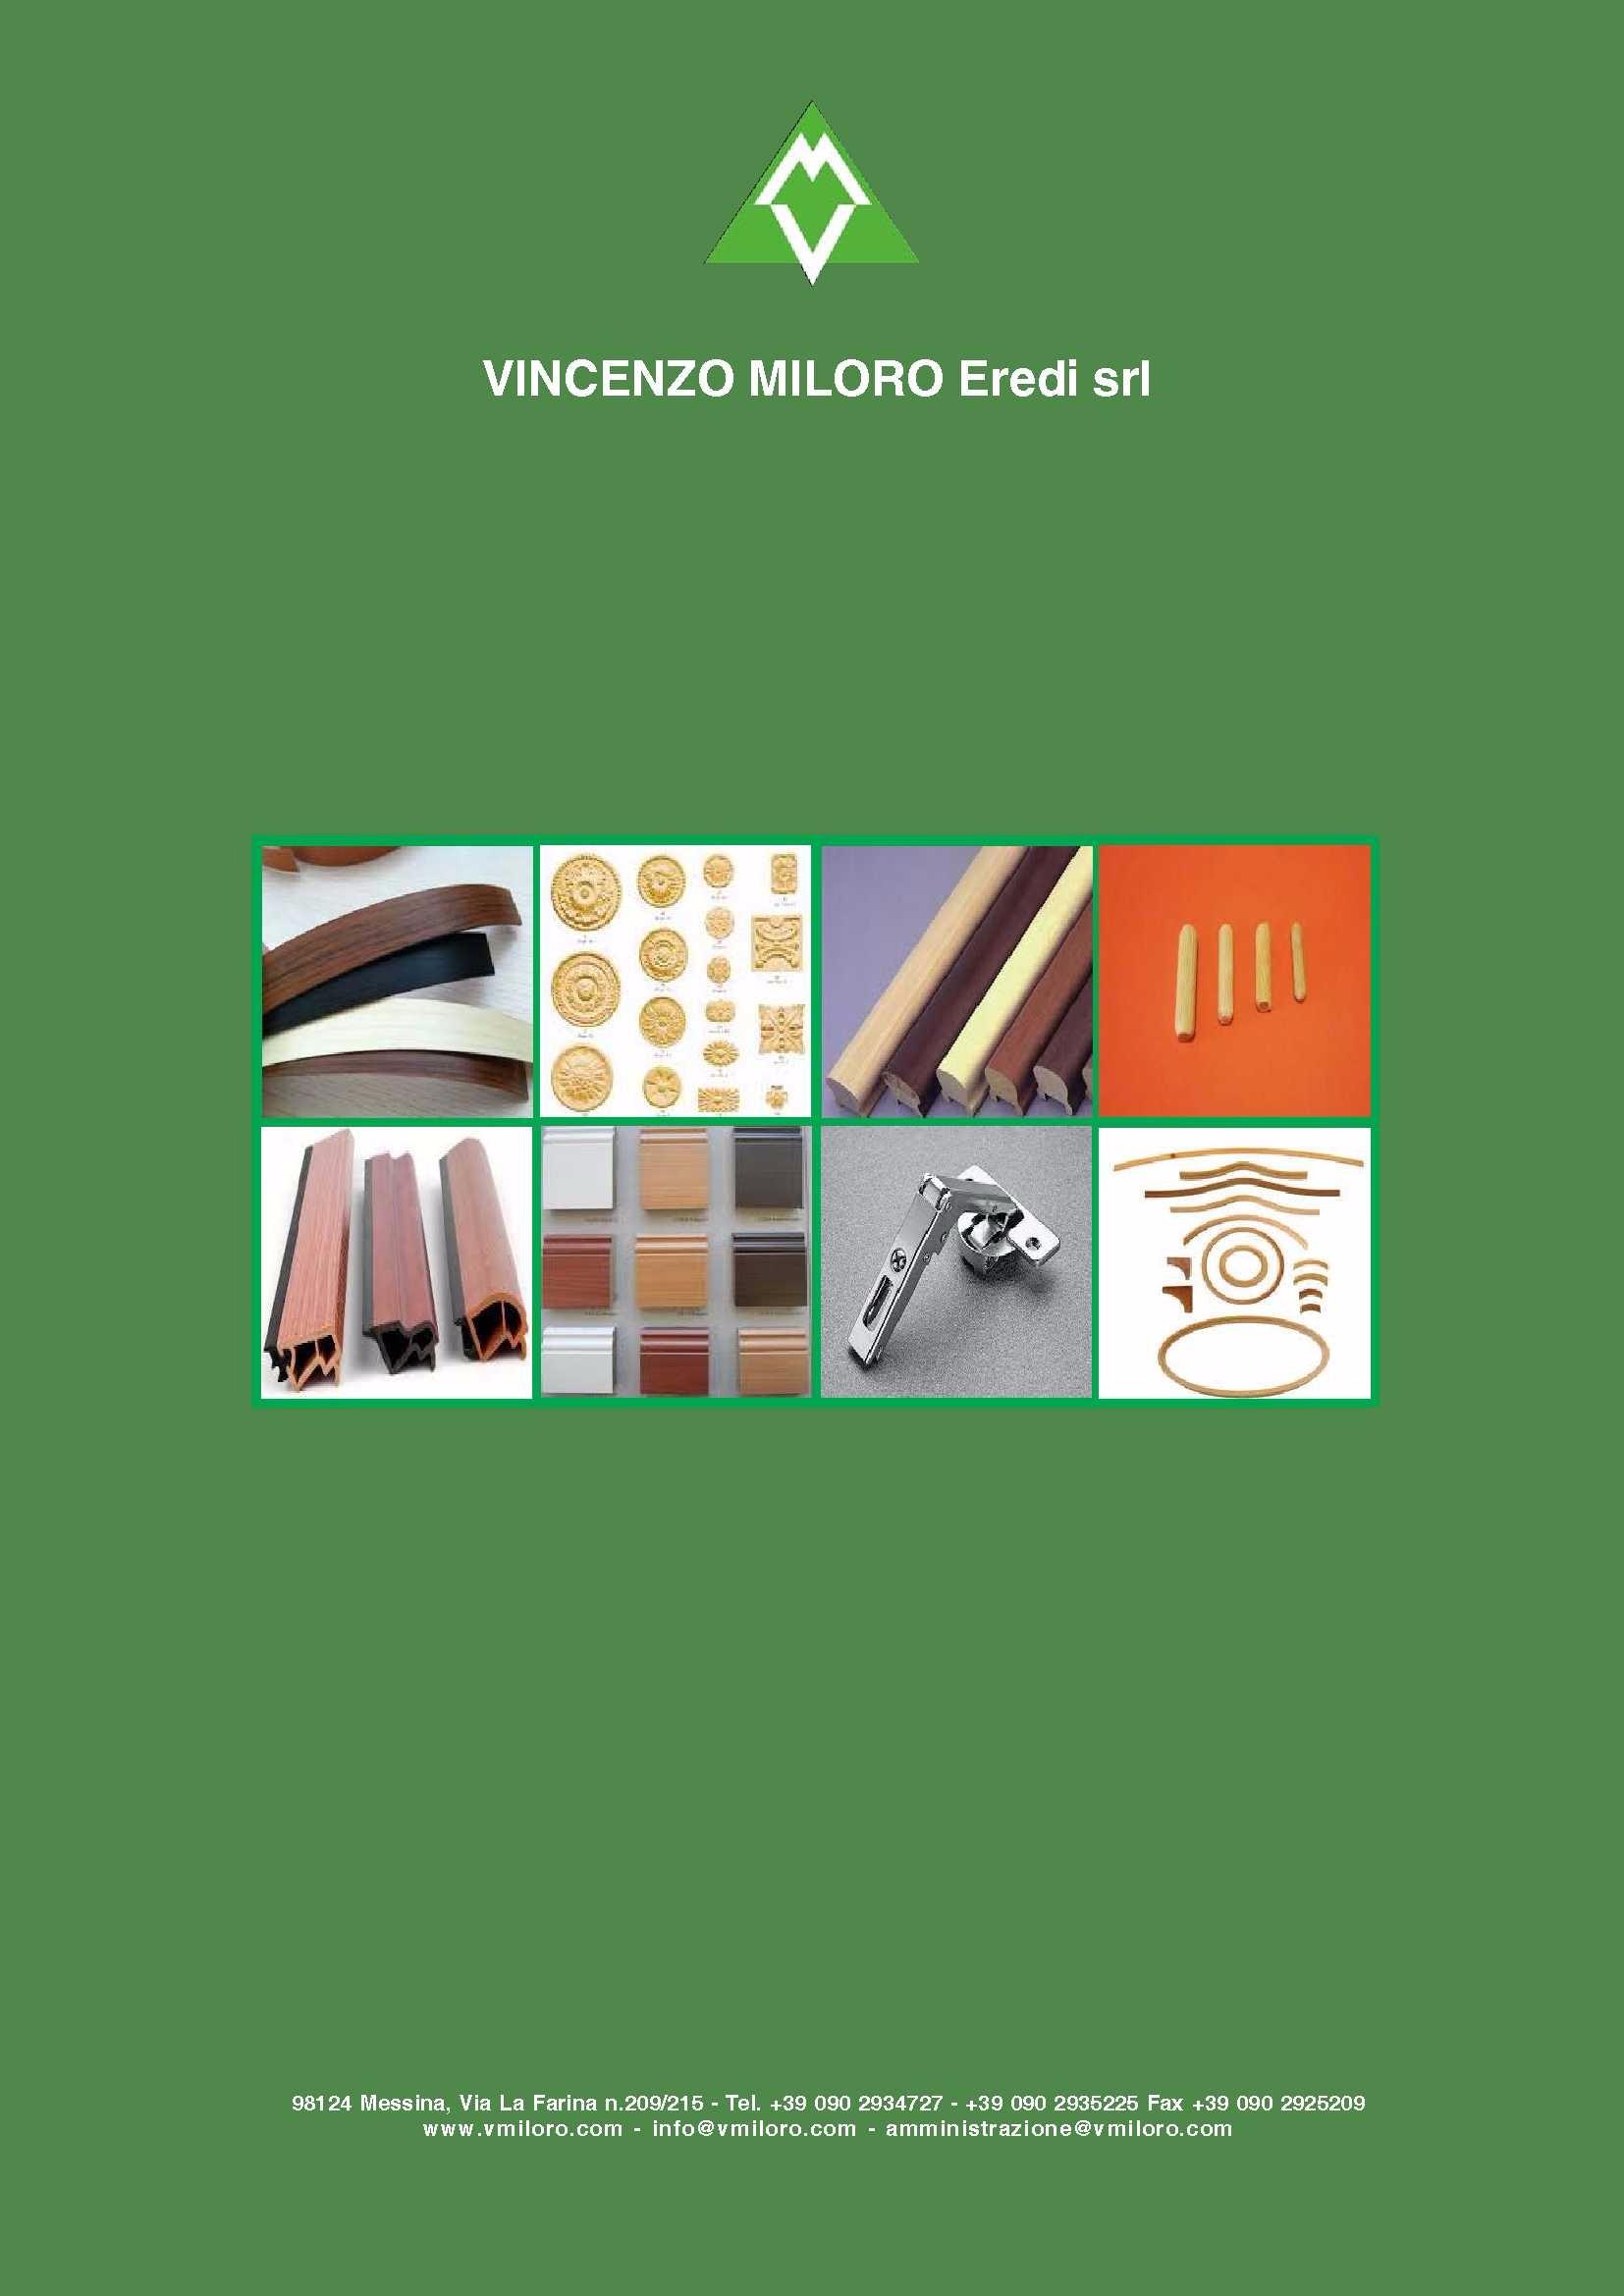 Vincenzo Miloro Eredi srl